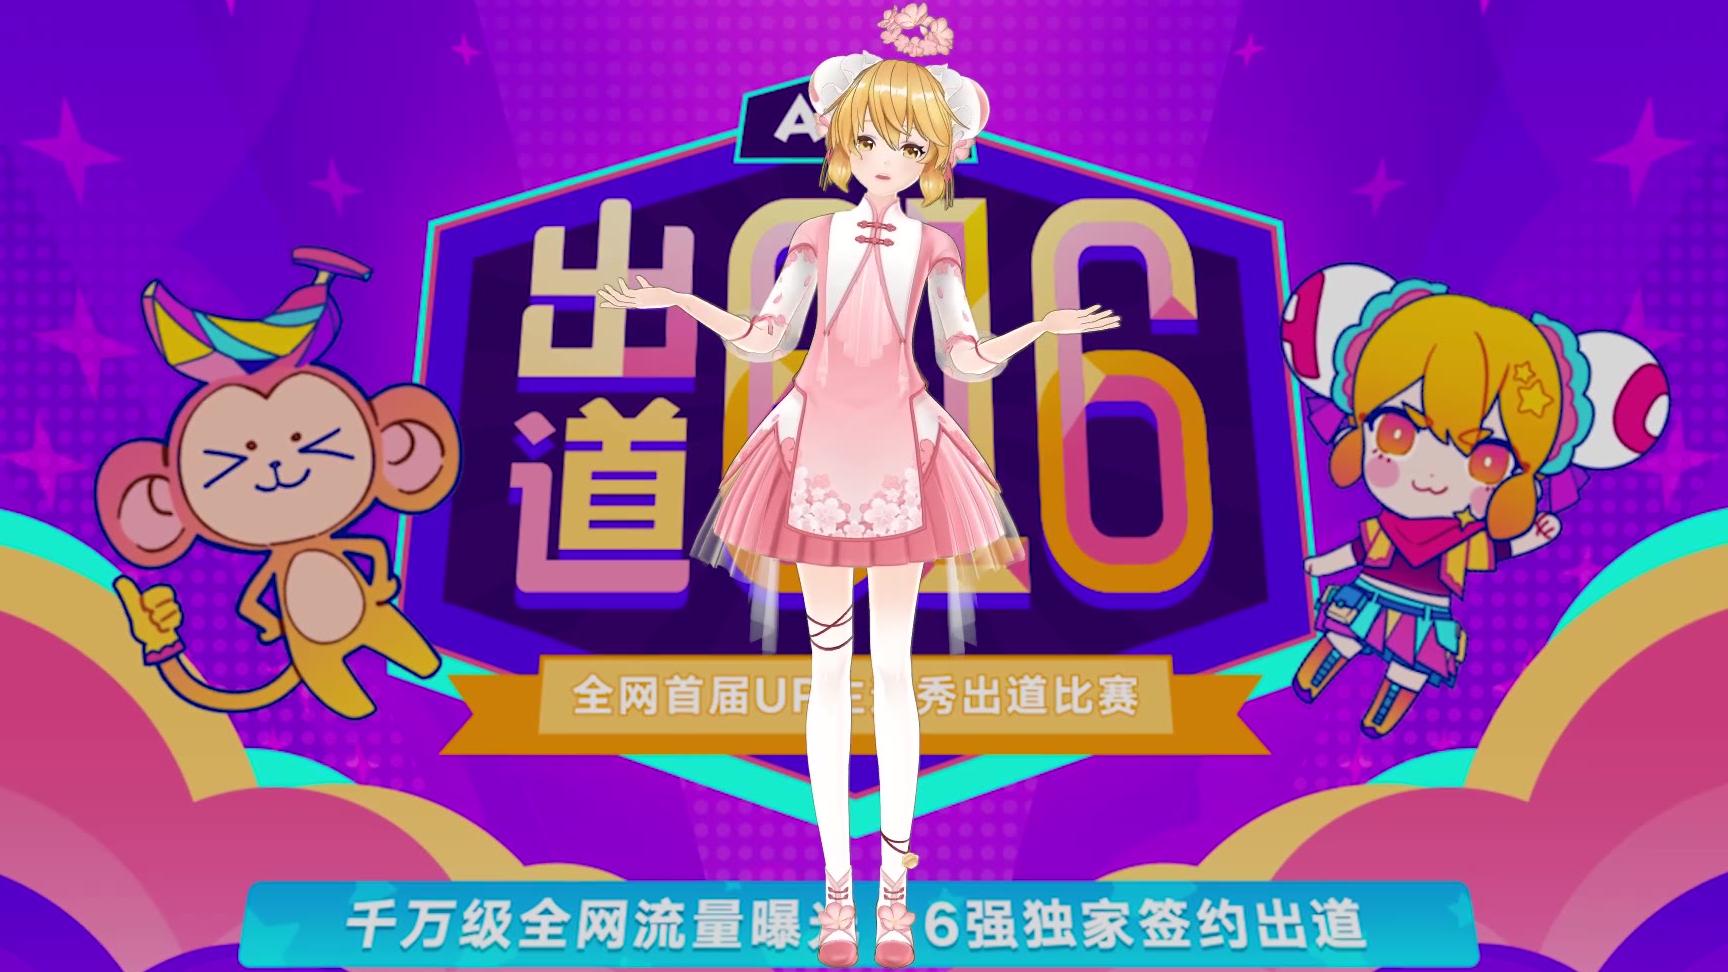 【AC娘】出道616海选最后一天!AC娘喊你投票啦!!!